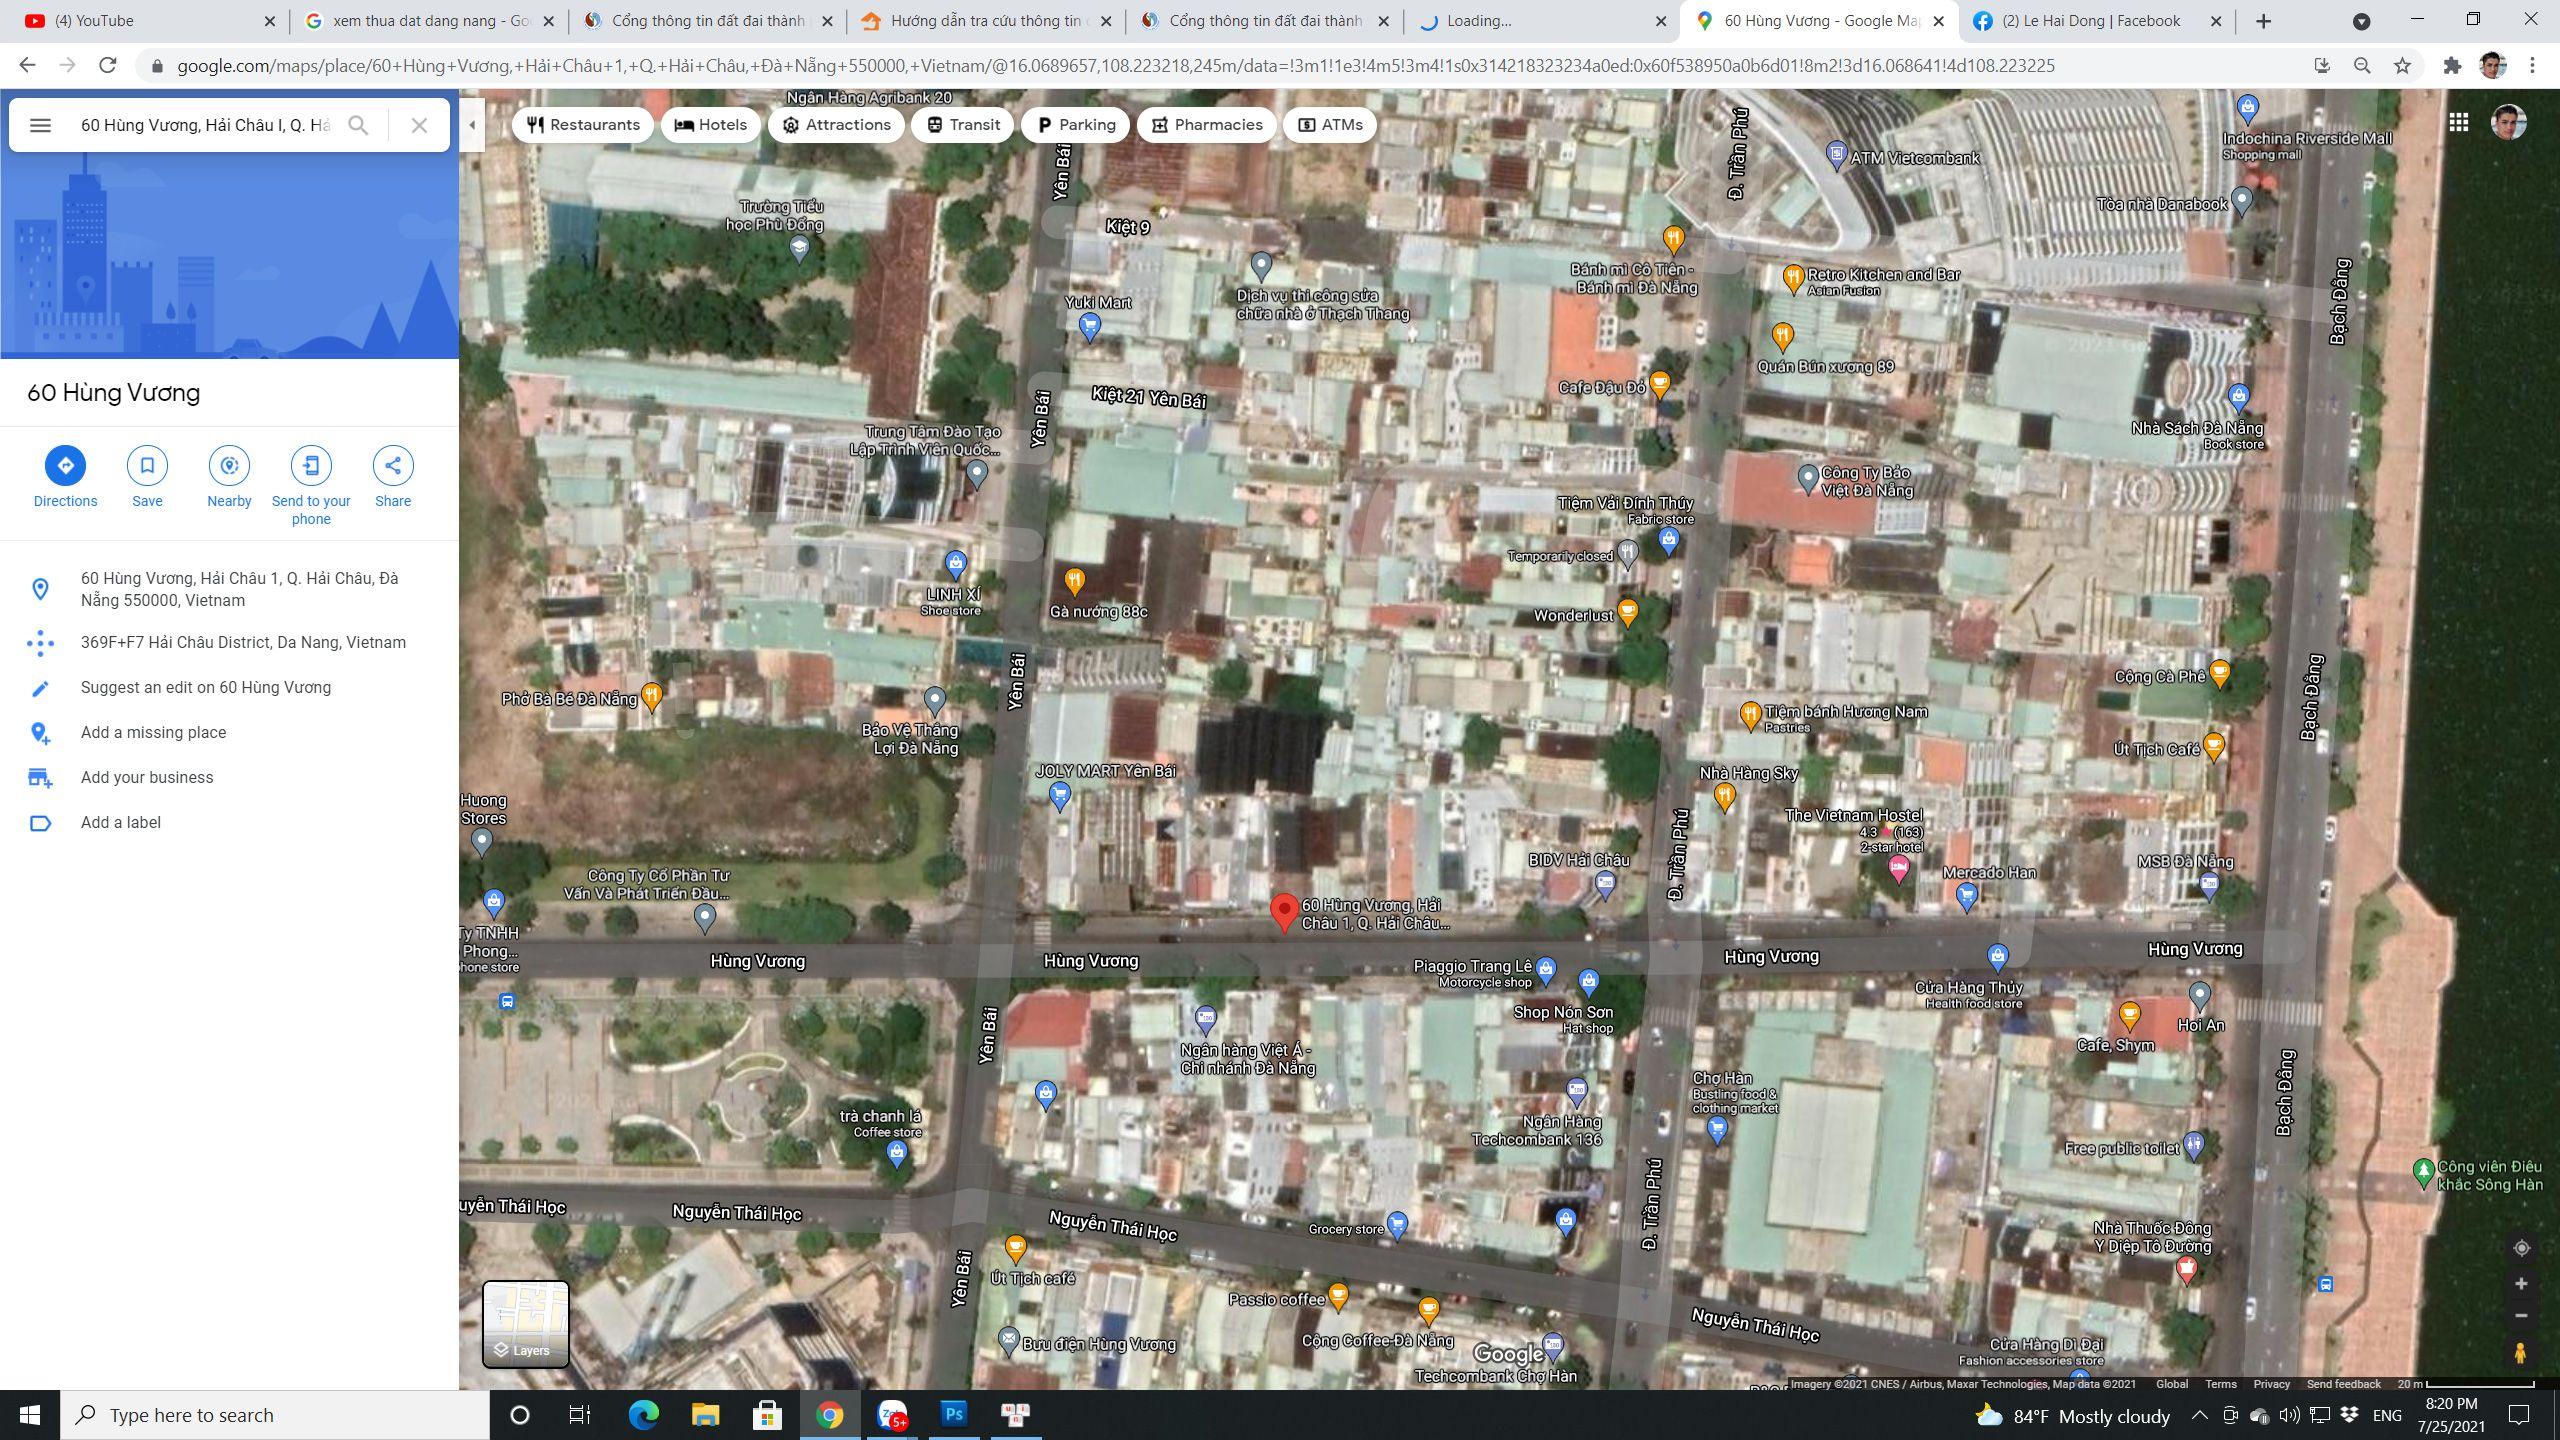 Đà Nẵng | Chủ ngộp ký gửi bán đất mặt tiền đường Hùng Vương, Phường Hải Châu 1, Quận Hải Châu